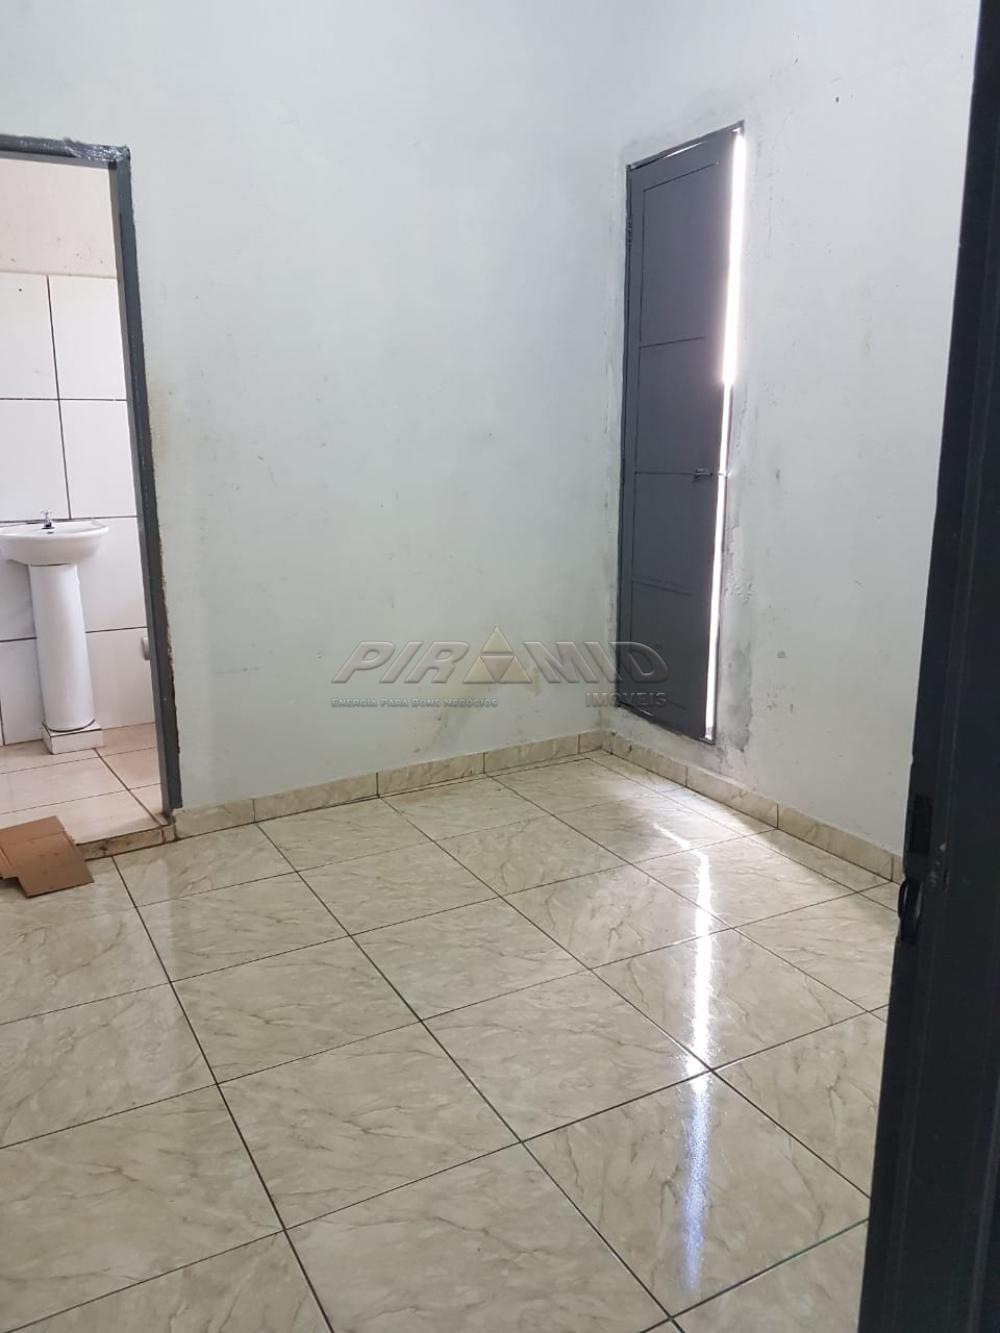 Comprar Casa / Padrão em Ribeirão Preto apenas R$ 180.000,00 - Foto 18